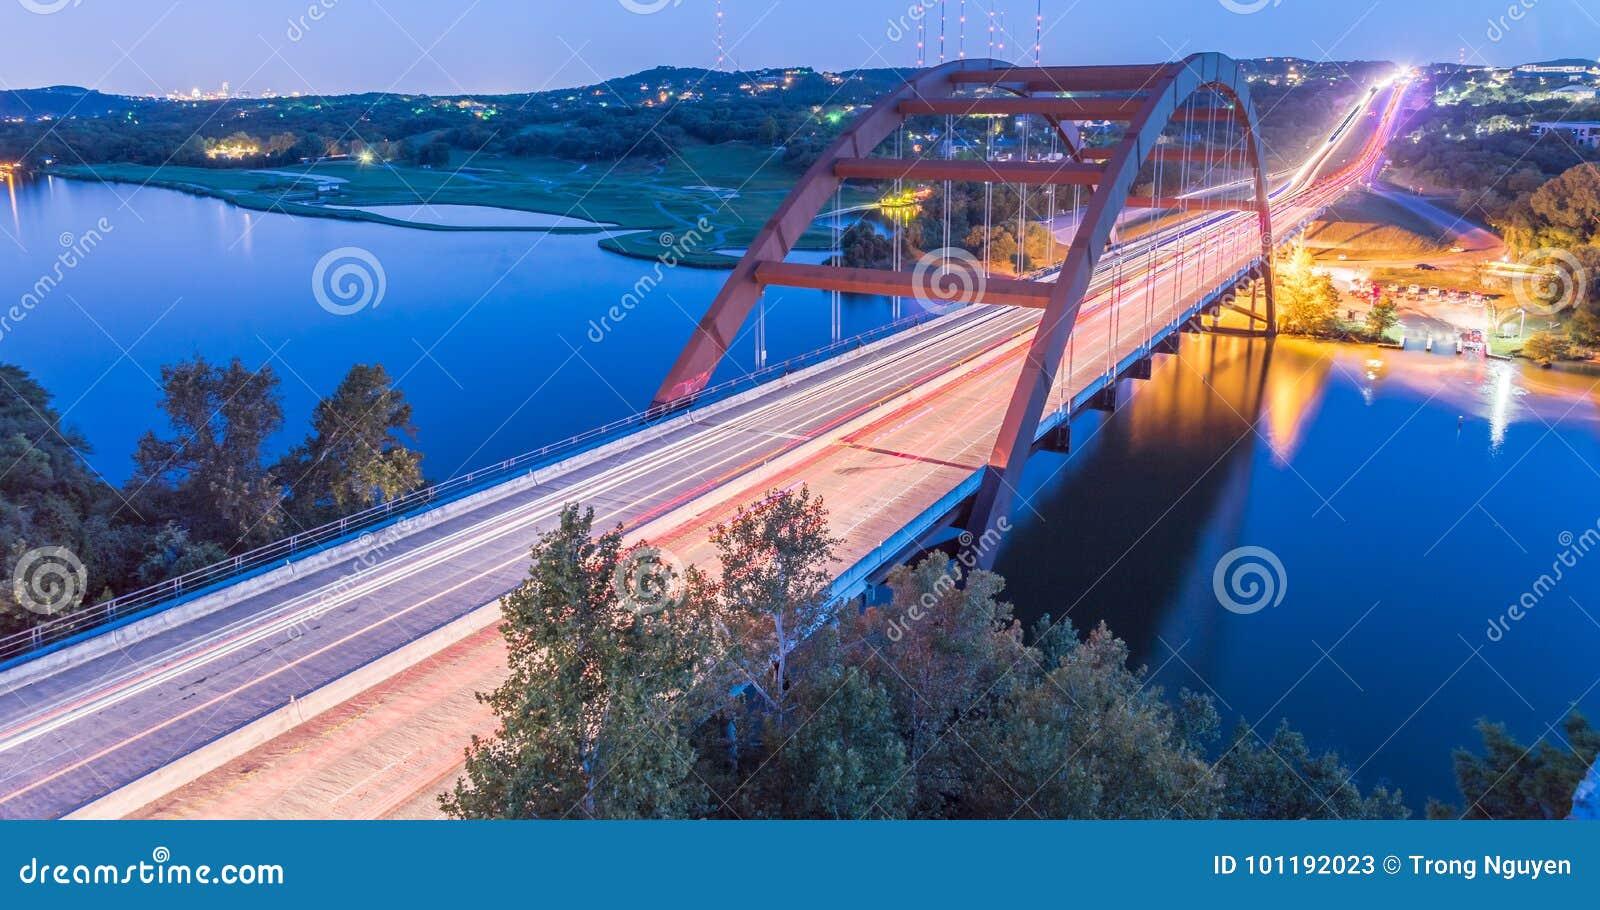 360 heures bleues austin le texas etats unis de pont de pennybacker image stock image du. Black Bedroom Furniture Sets. Home Design Ideas